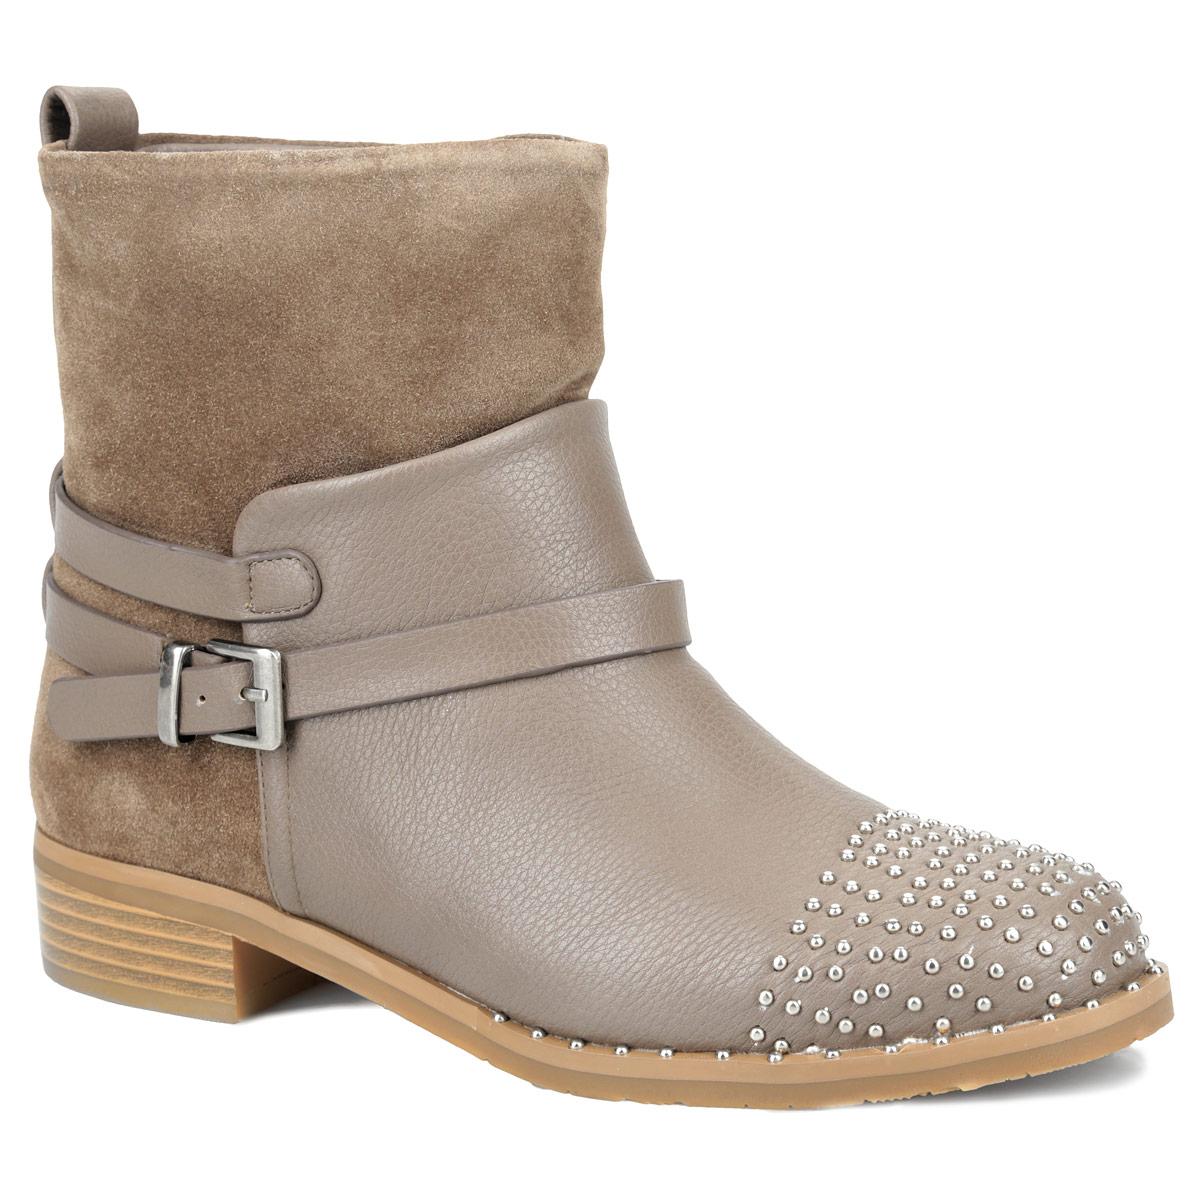 Y42-AY-03 CТрендовые ботинки в стиле рок от Yaro покорят вас своим дизайном с первого взгляда! Модель выполнена из искусственной кожи и оформлена крупной вставкой из спилока. Мыс ботинок и передняя часть подошвы декорированы металлическими бусинами. Тонкий ремешок с металлической пряжкой, пропущенный через шлевки на заднем ремне, украшает подъем изделия. Ботинки застегиваются при помощи застежки-молнии, расположенной на одной из боковых сторон. Подкладка и стелька из байки согреют ваши ноги в холодную погоду. Умеренной высоты каблук стилизован под дерево. Рифленая поверхность каблука и подошвы гарантирует отличное сцепление с любыми поверхностями. Эффектные ботинки подчеркнут ваш стиль и яркую индивидуальность. В них вы всегда будете чувствовать себя уютно и комфортно!